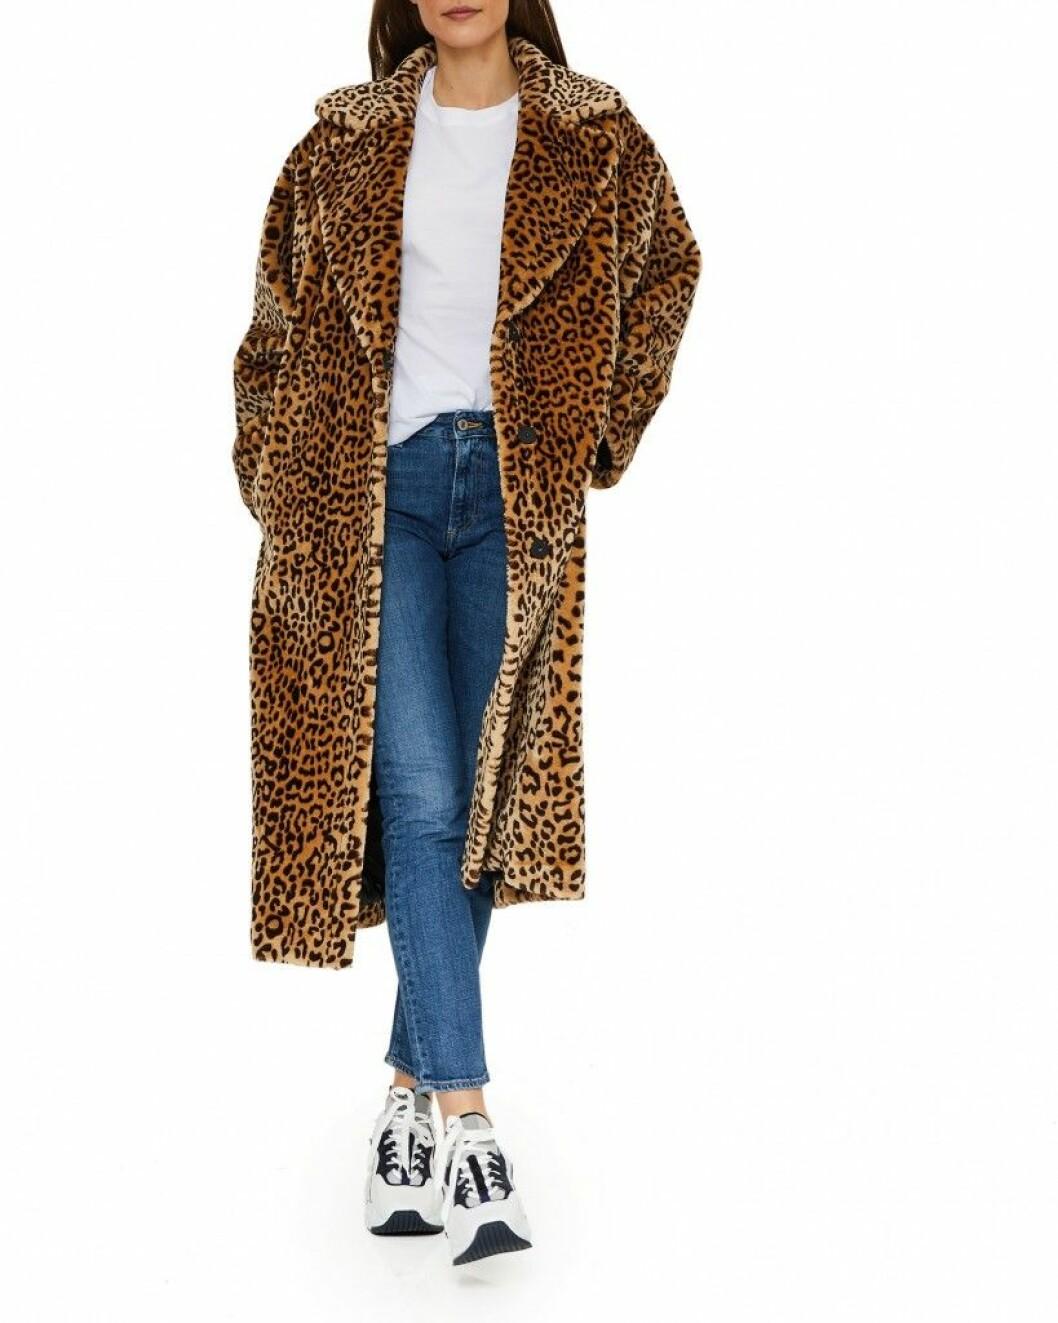 Stilsäker kappa i leopardmönster från Stand via Wakakuu.